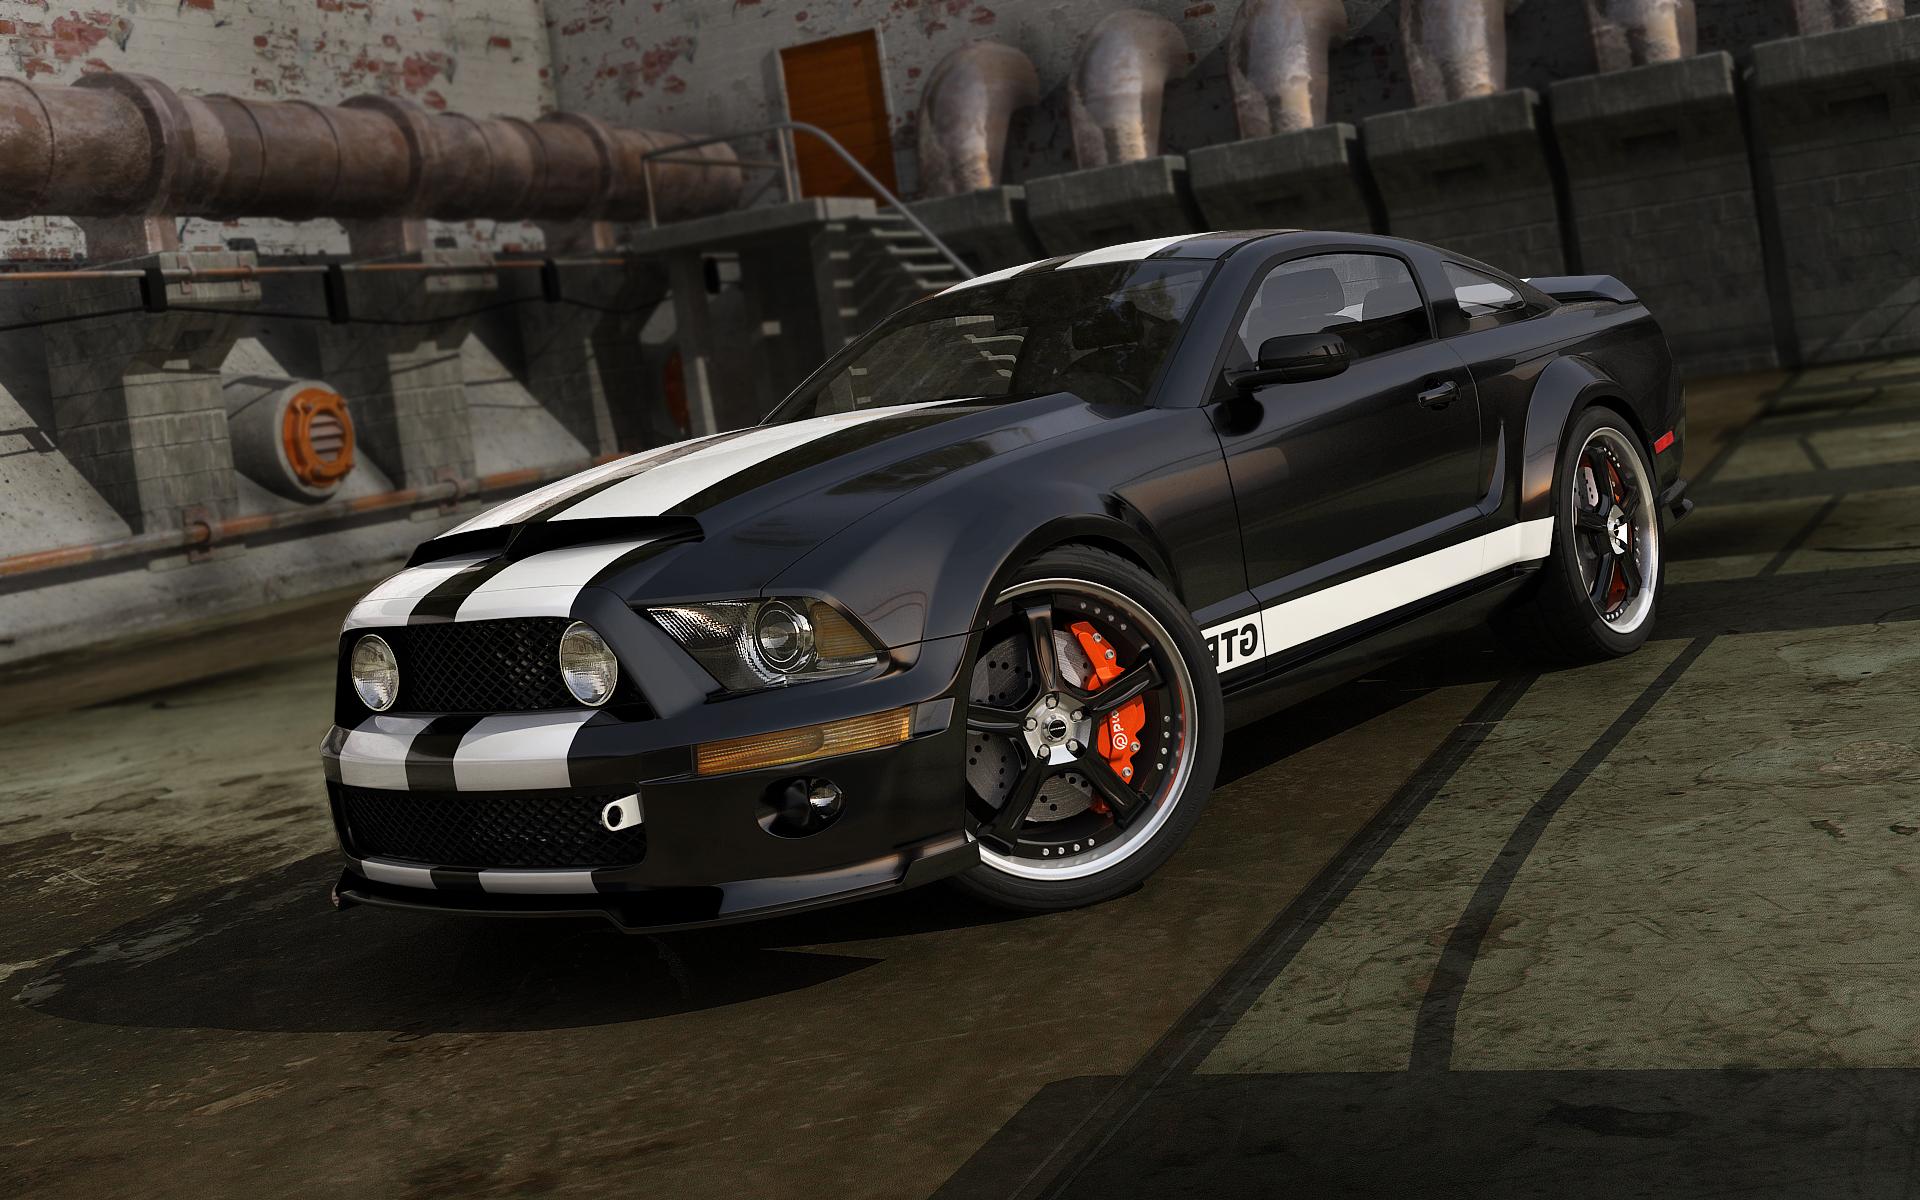 Black Mustang Wallpaper wallpaper Black Mustang Wallpaper hd 1920x1200